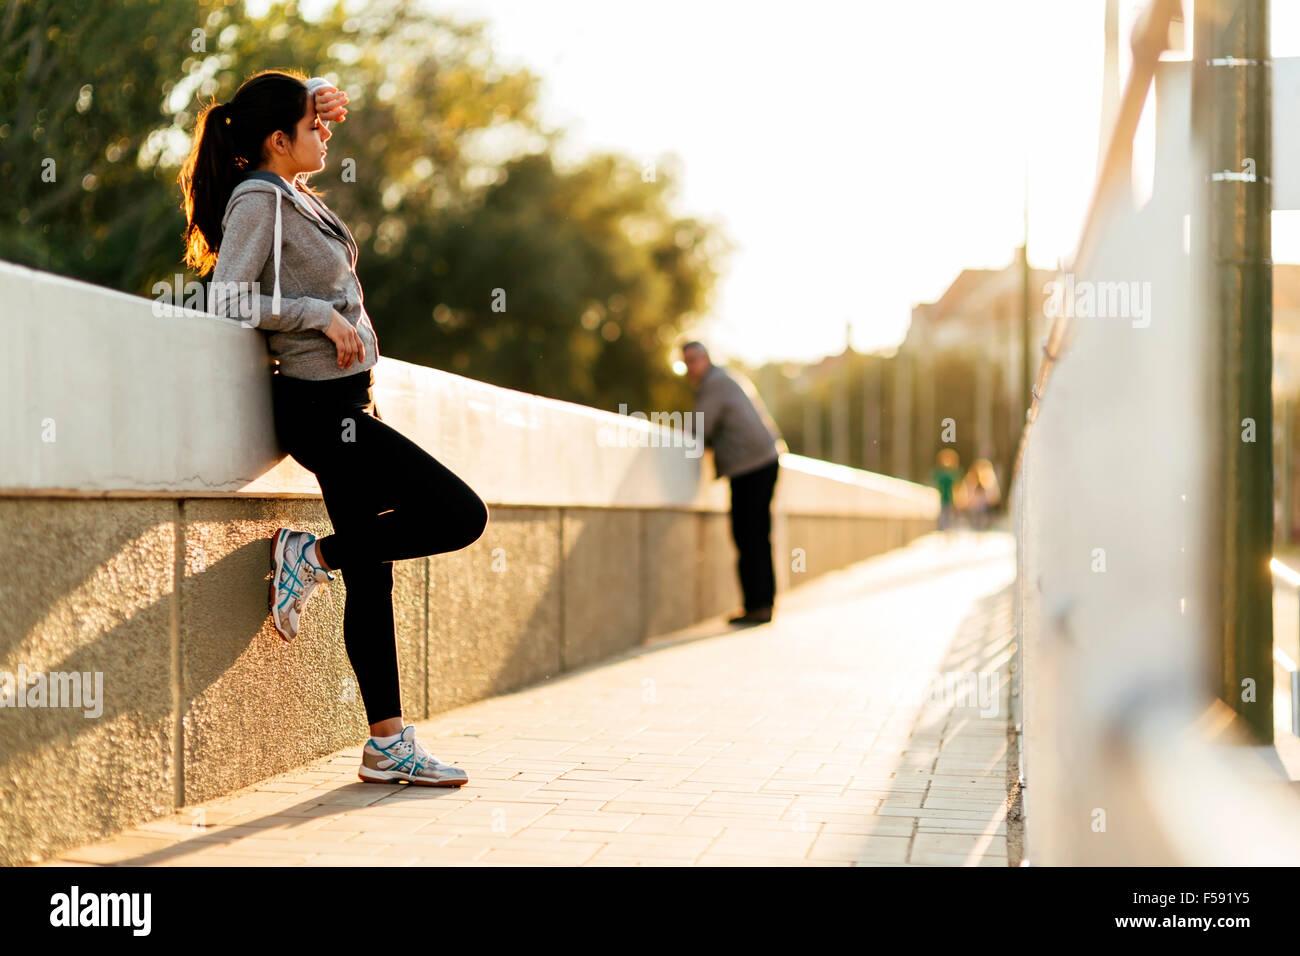 Schöne Frau ruht nach dem Joggen in Stadt Stockbild